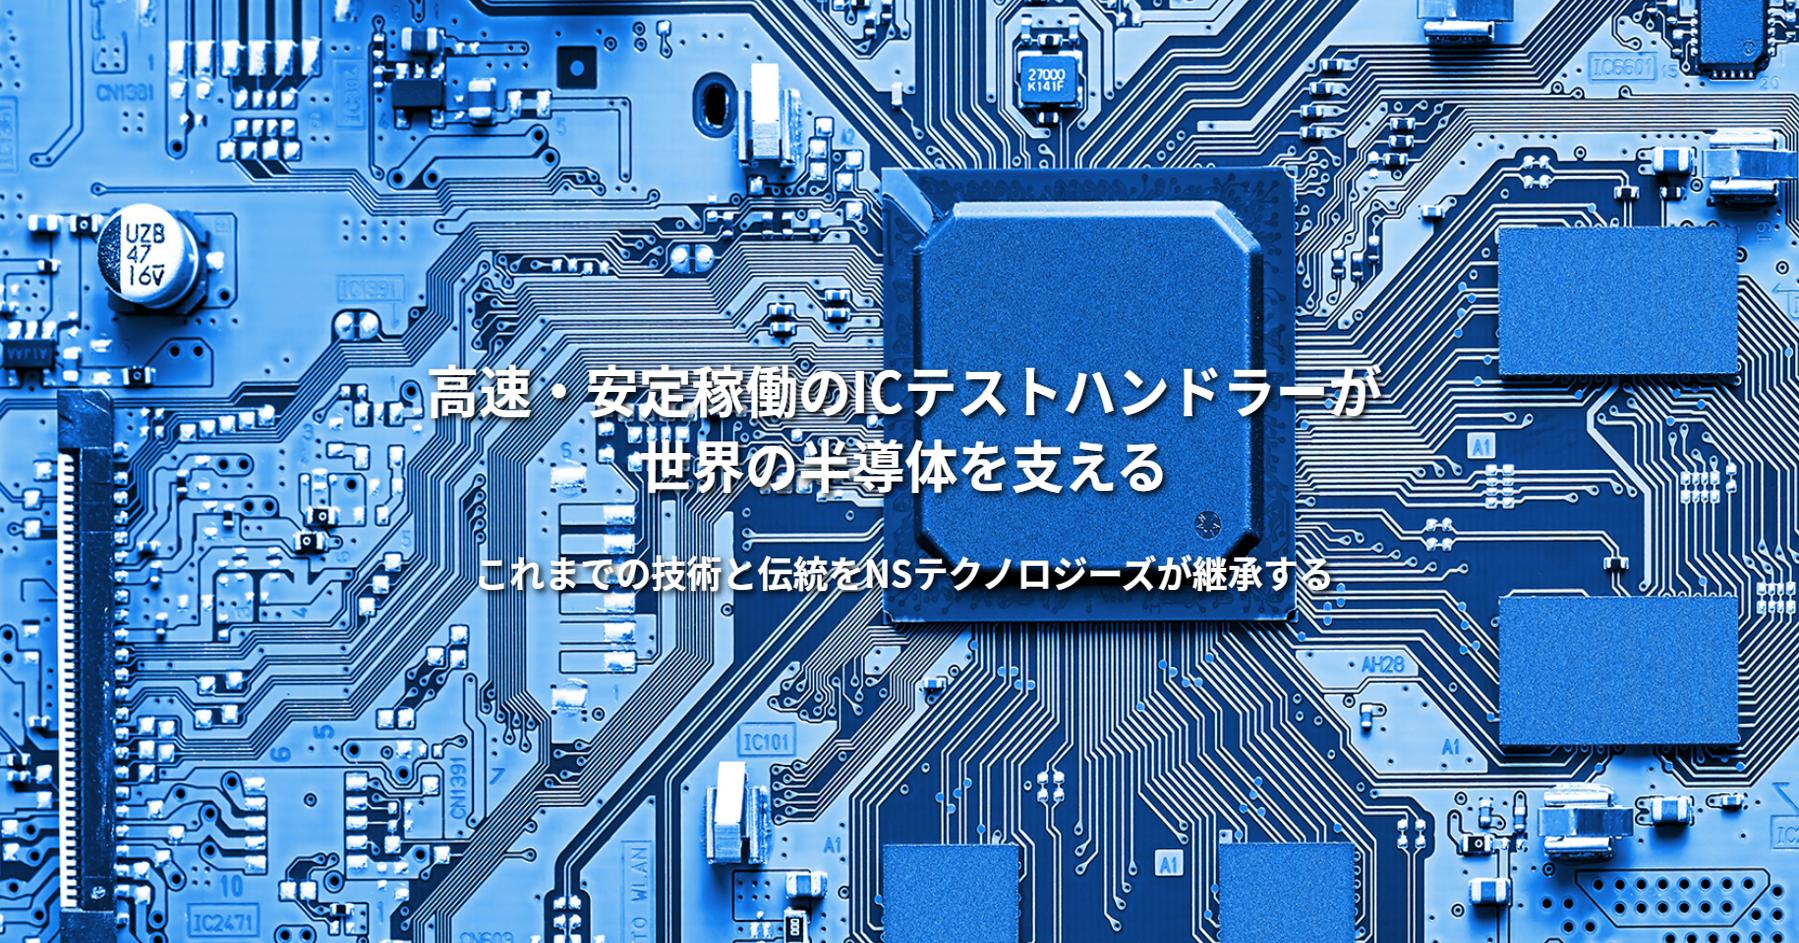 高速・安定稼働のICテストハンドラーが、世界の半導体を支える